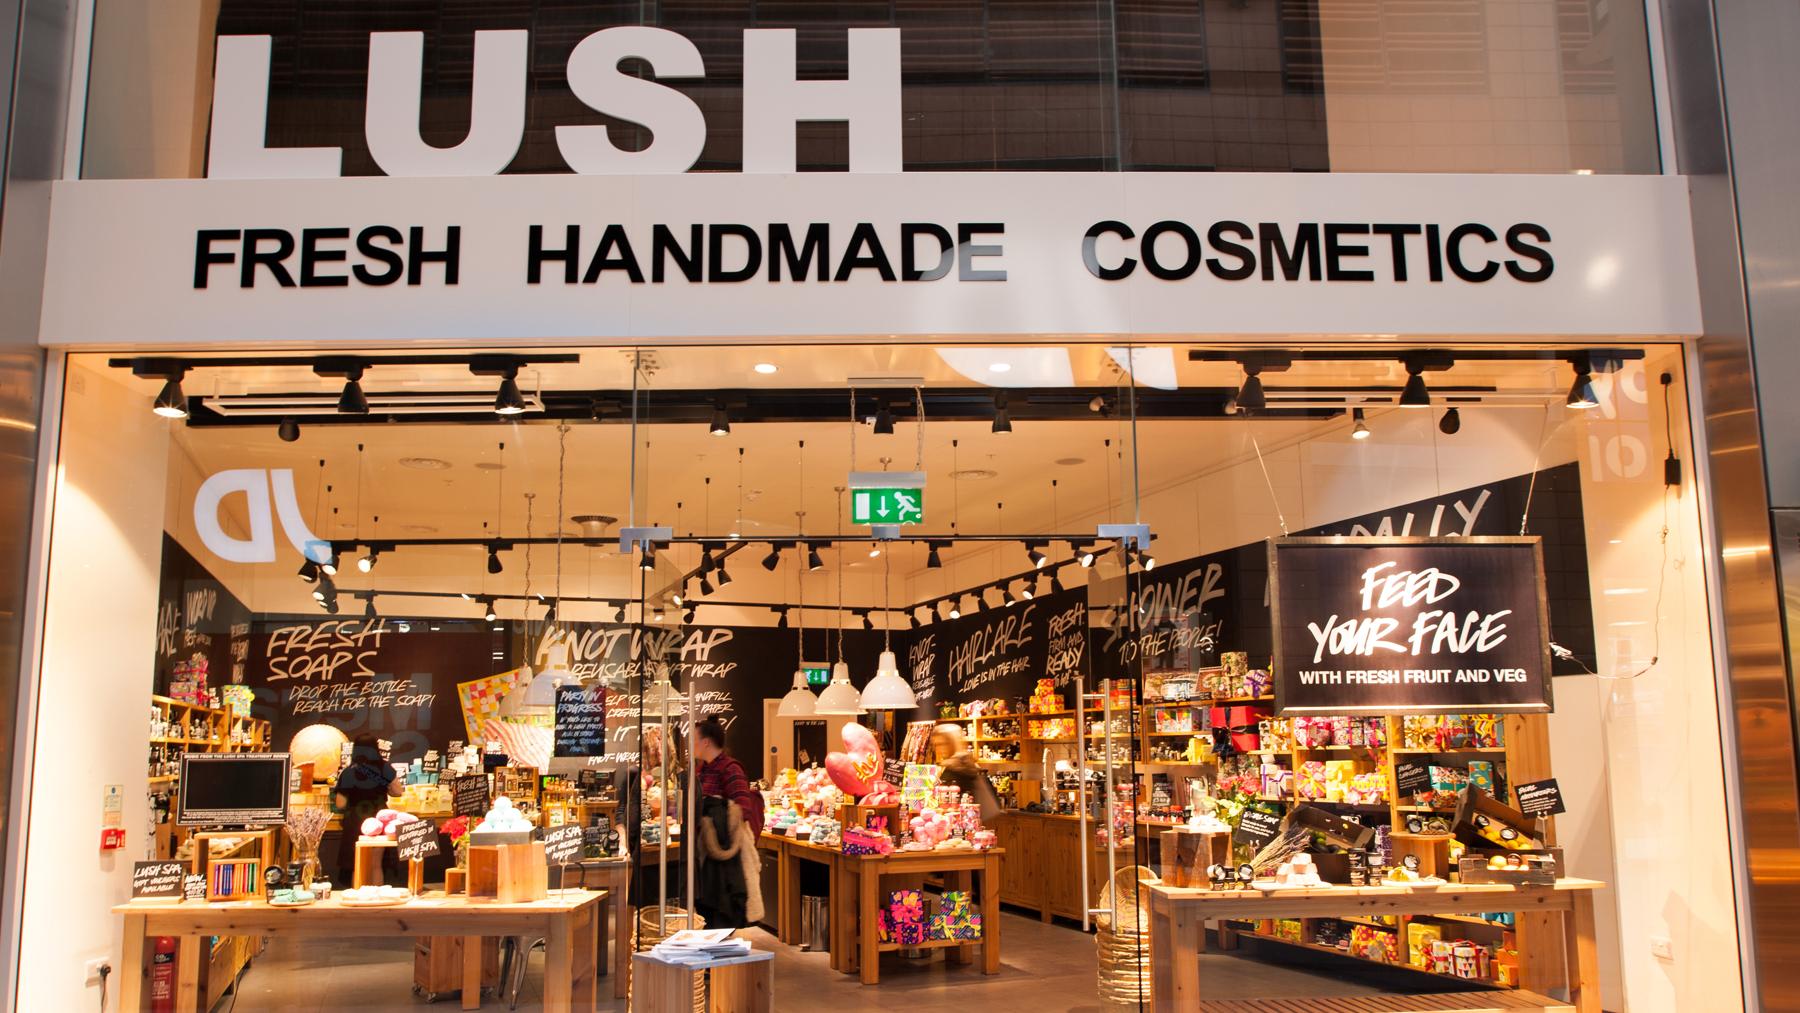 Livingston Lush Fresh Handmade Cosmetics Uk